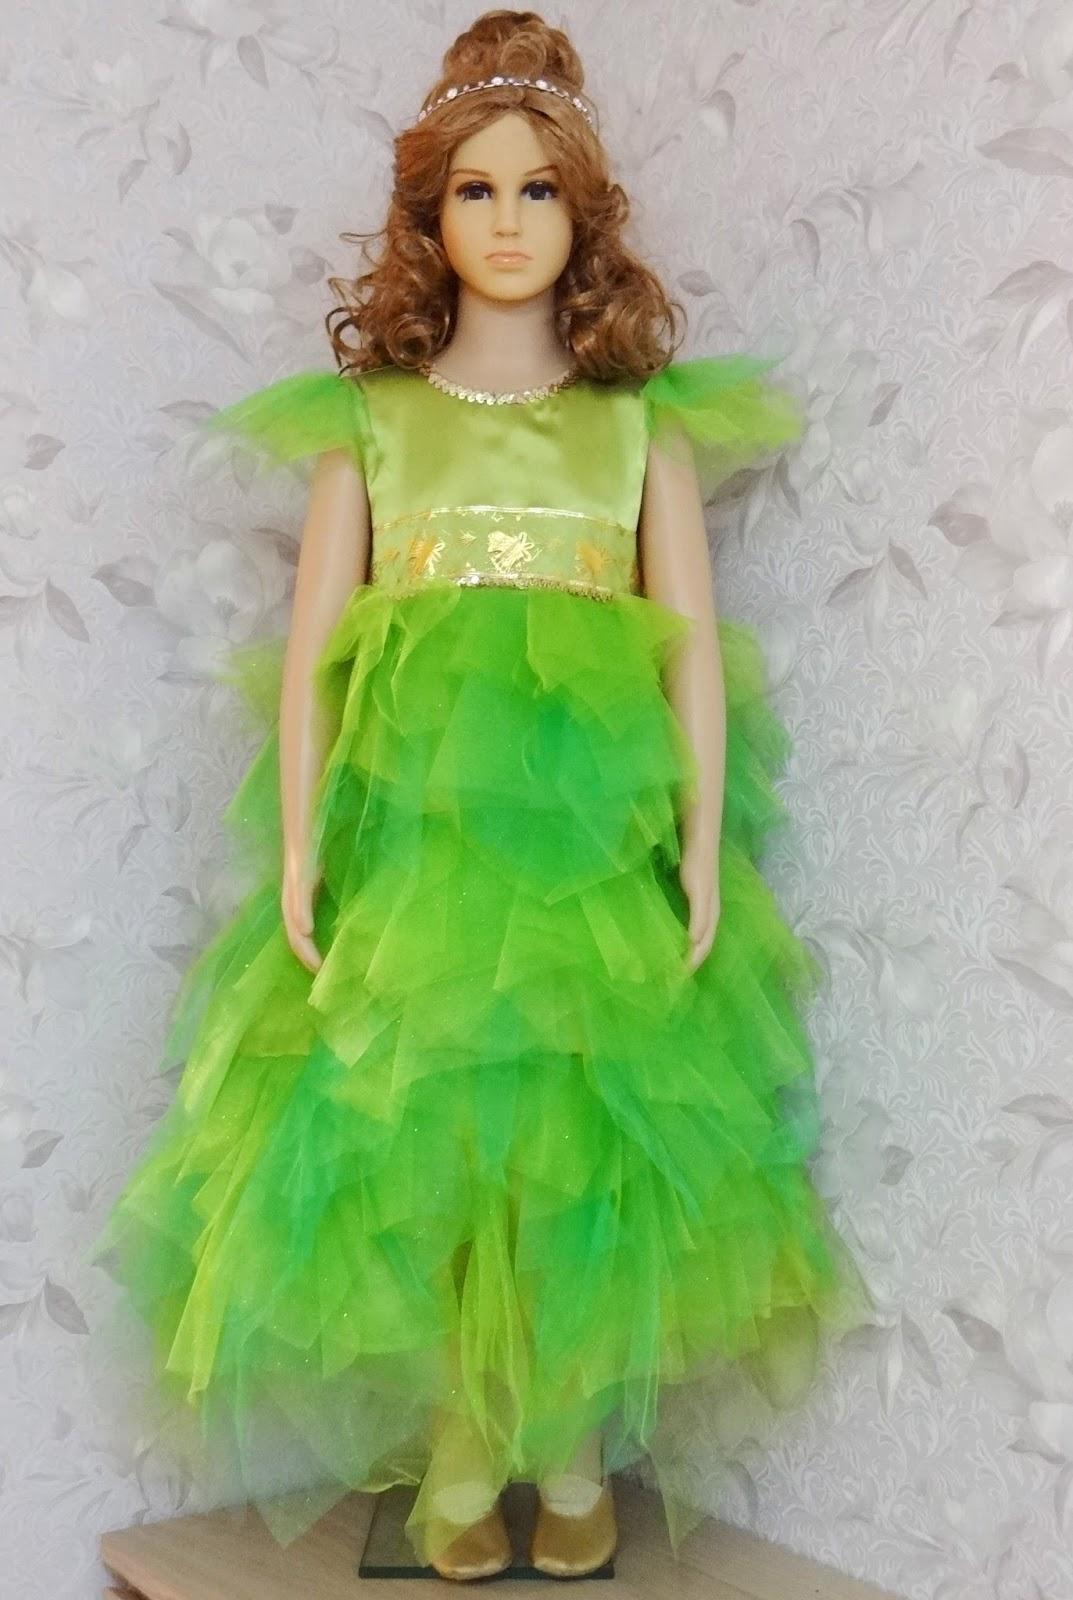 ПрокатАртСтудио: Новогодние карнавальные костюмы для девочек - photo#41